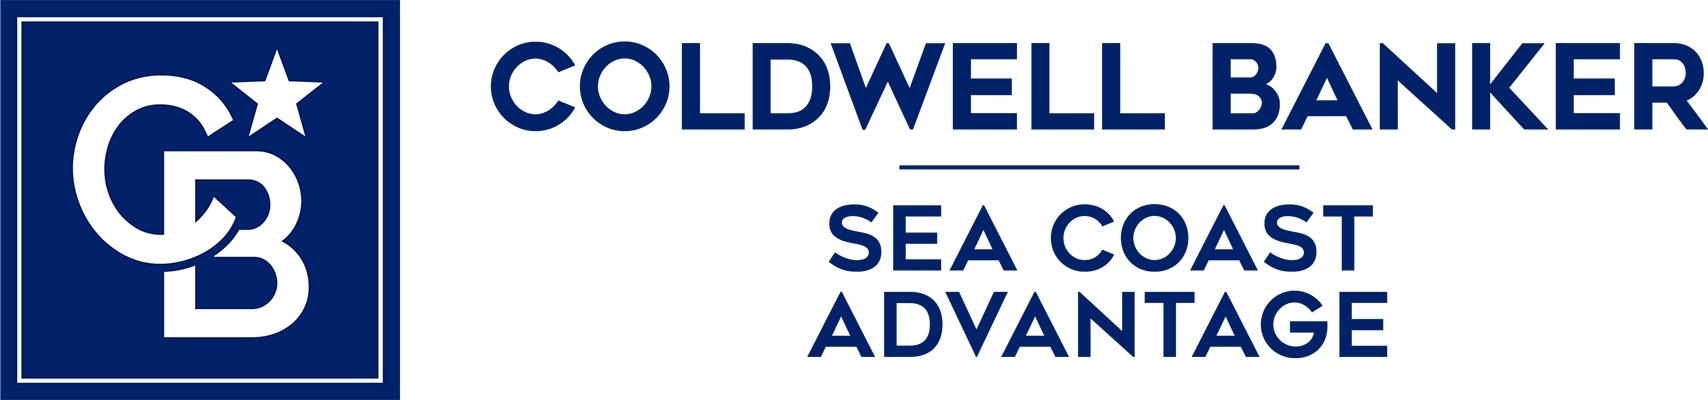 Joel Sheesley - Coldwell Banker Sea Coast Advantage Realty Logo